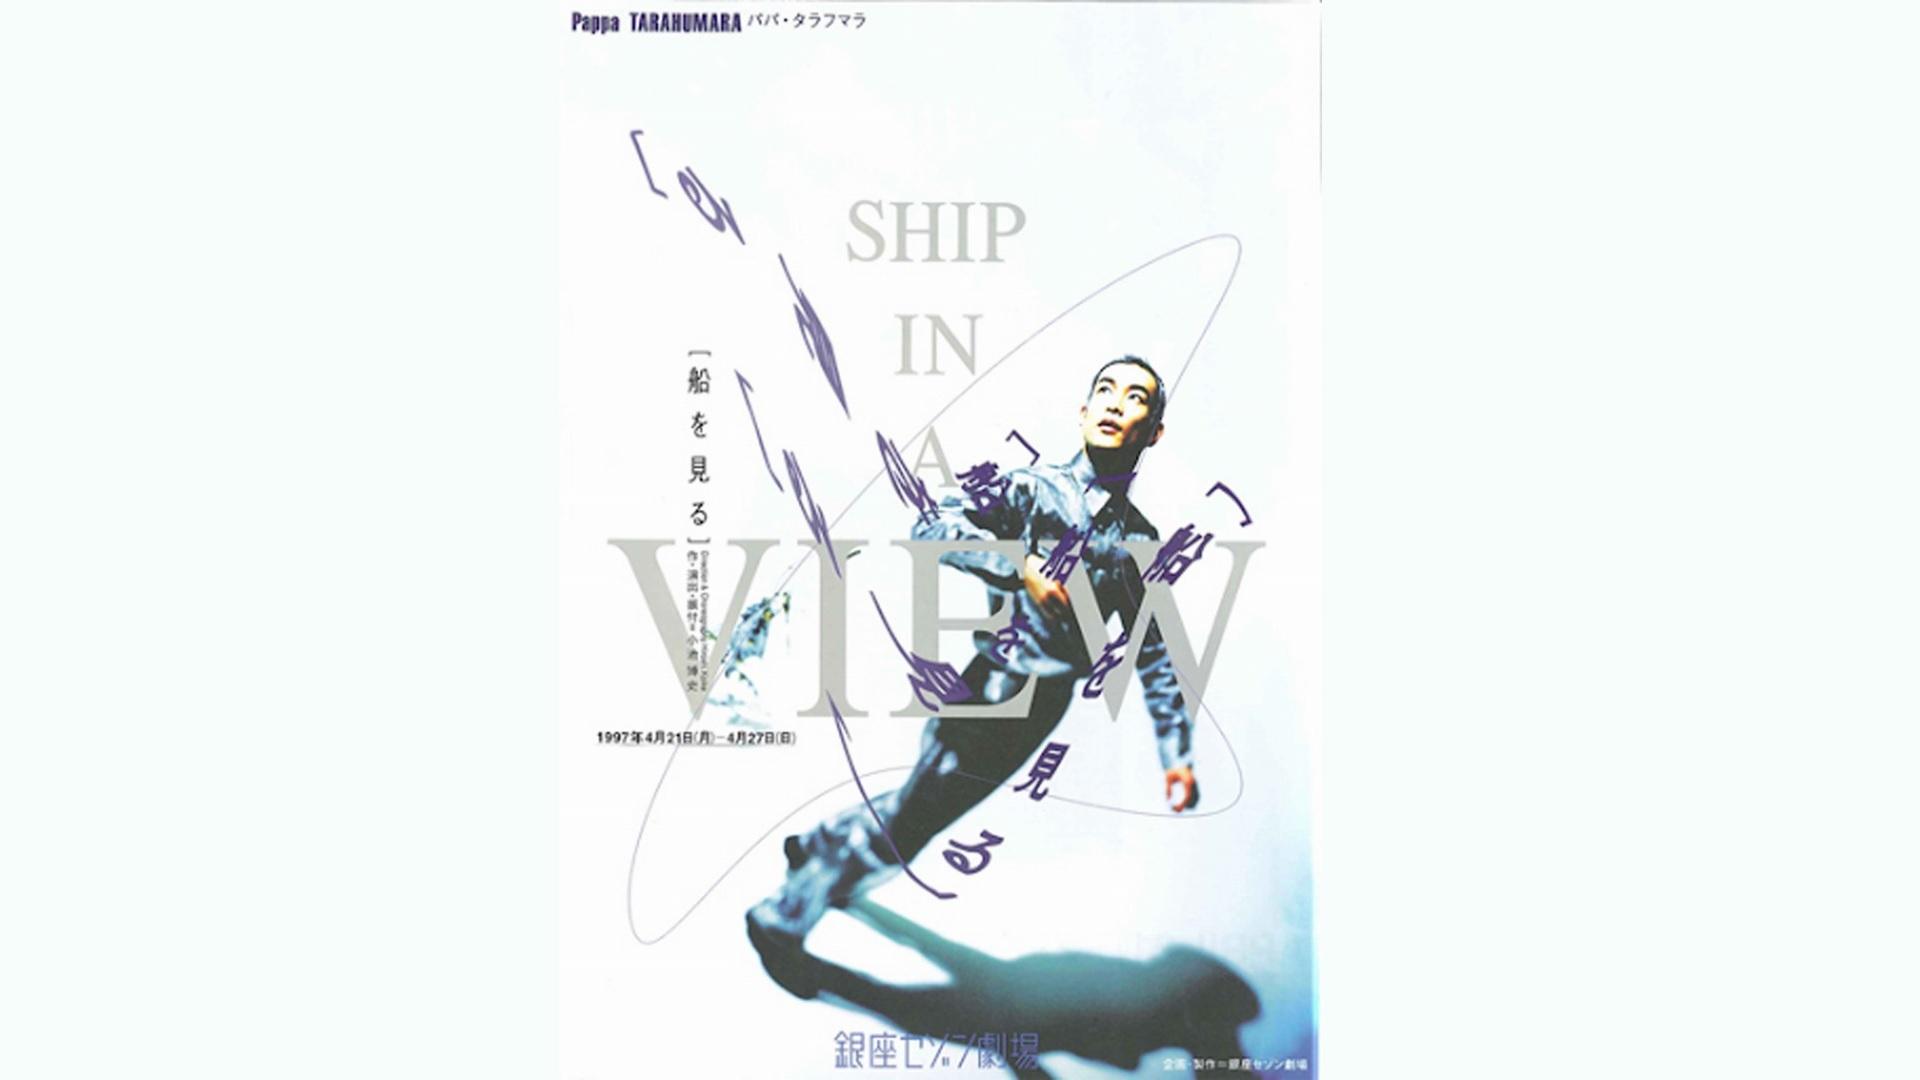 船を見る~SHIP IN A VIEW